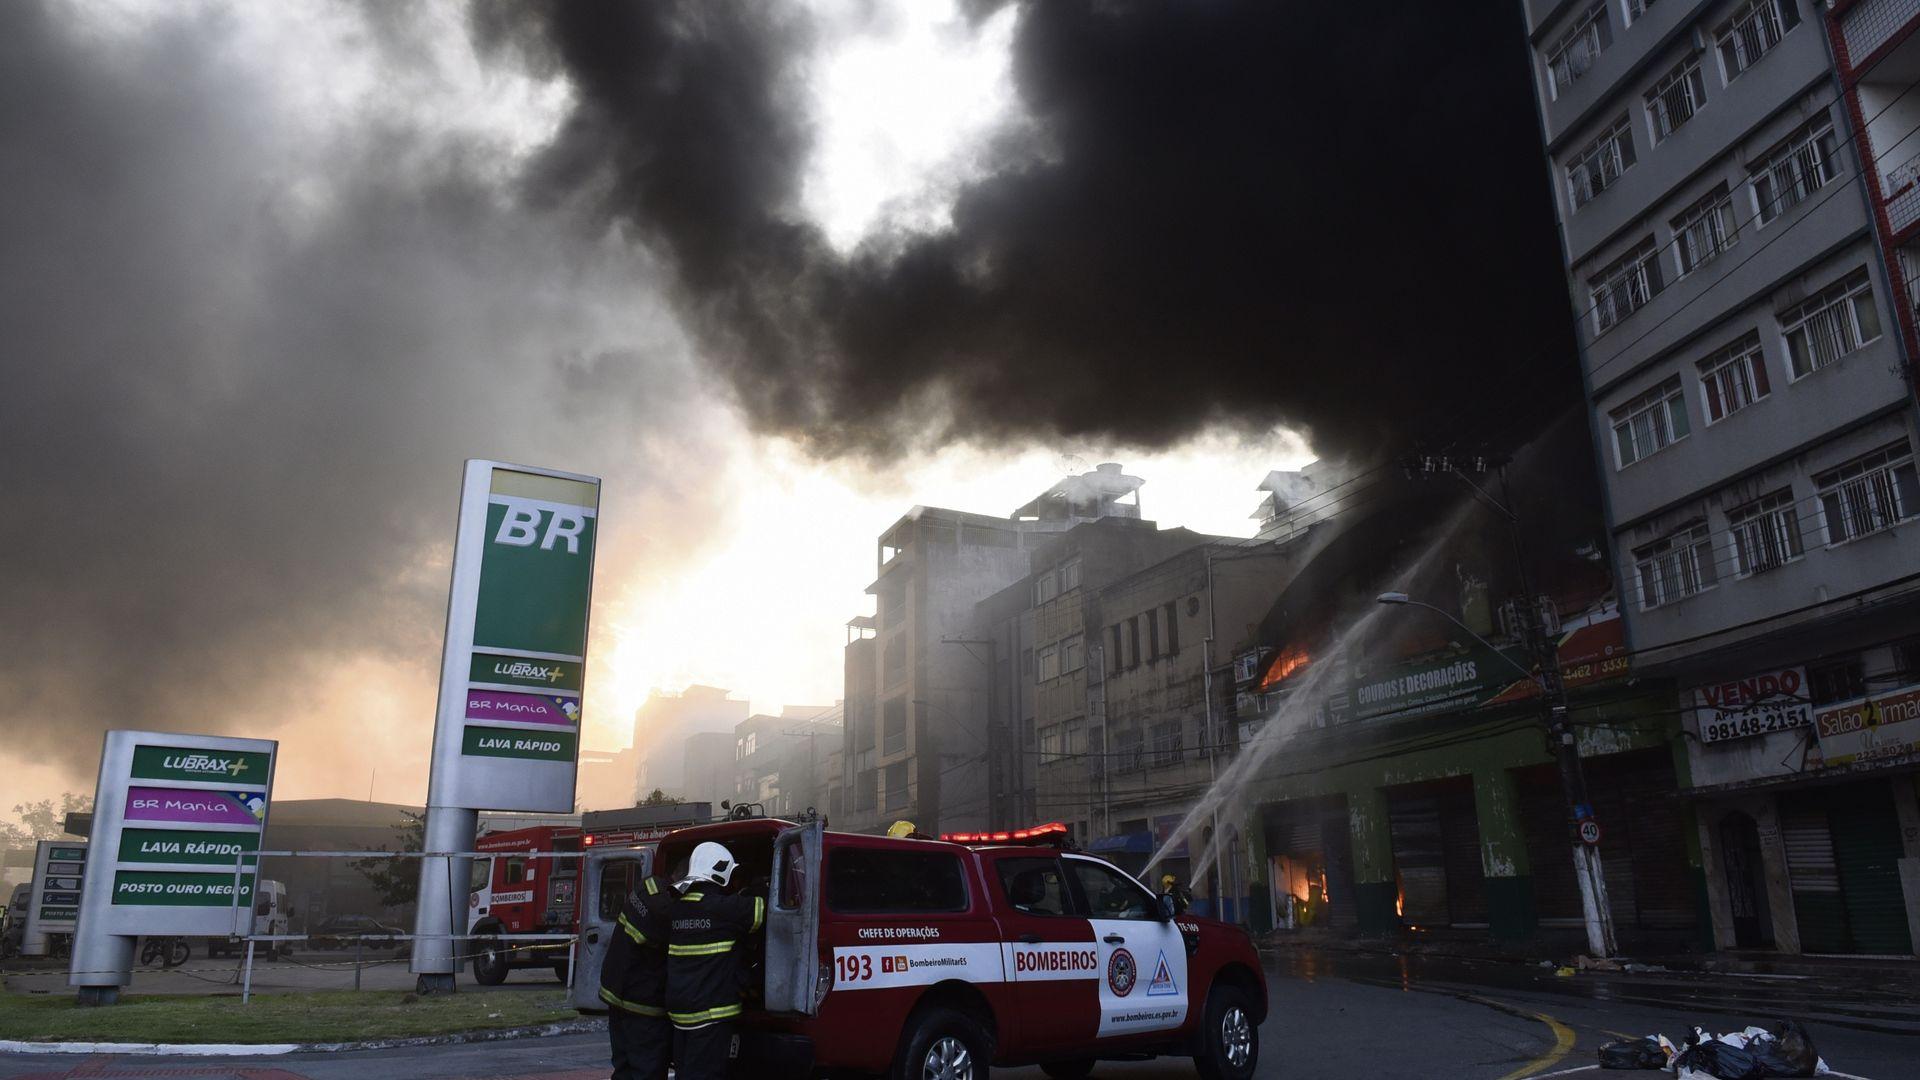 Data: 20/09/2019 - ES - Vitória - Bombeiros auxiliam no incêndio que destruiu o depósito da loja Alves e couros na Vila Rubim - Editoria: Cidades - Foto: Carlos Alberto Silva - GZ